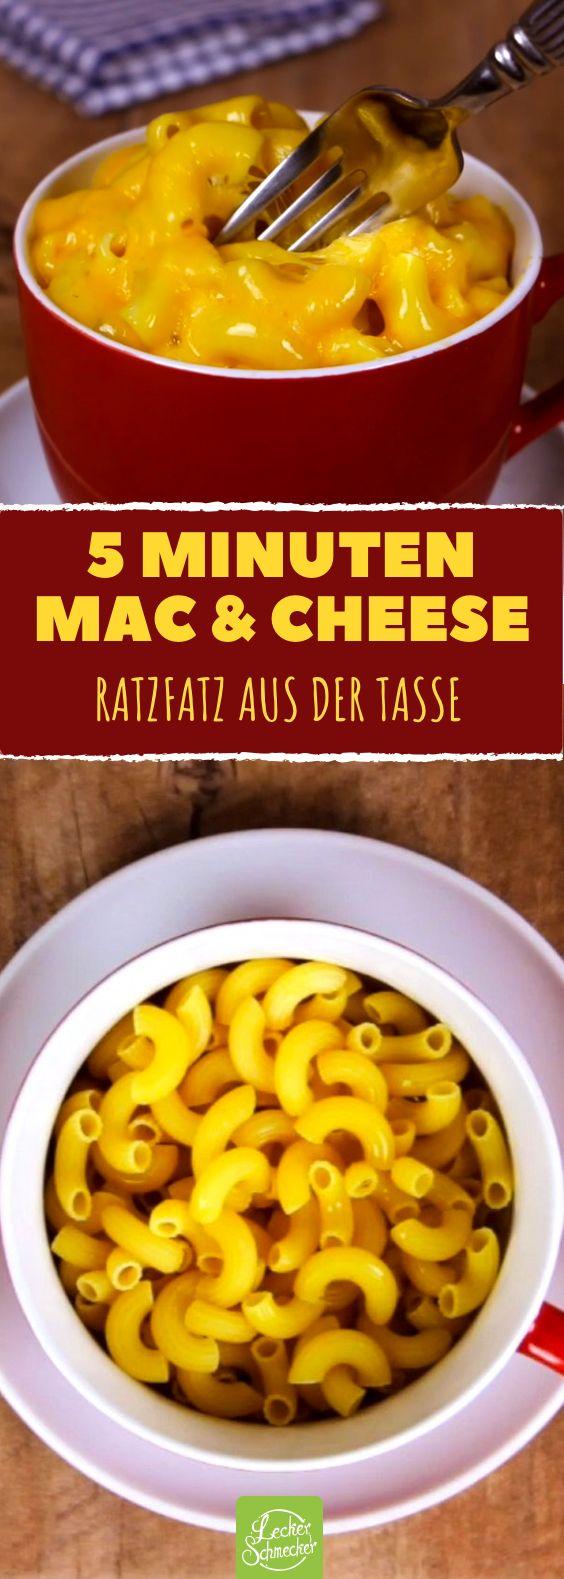 Mac and cheese pasta als super schnelles tassen rezept aus der mikrowelle rezepte k senudeln - Reis kochen mikrowelle ...